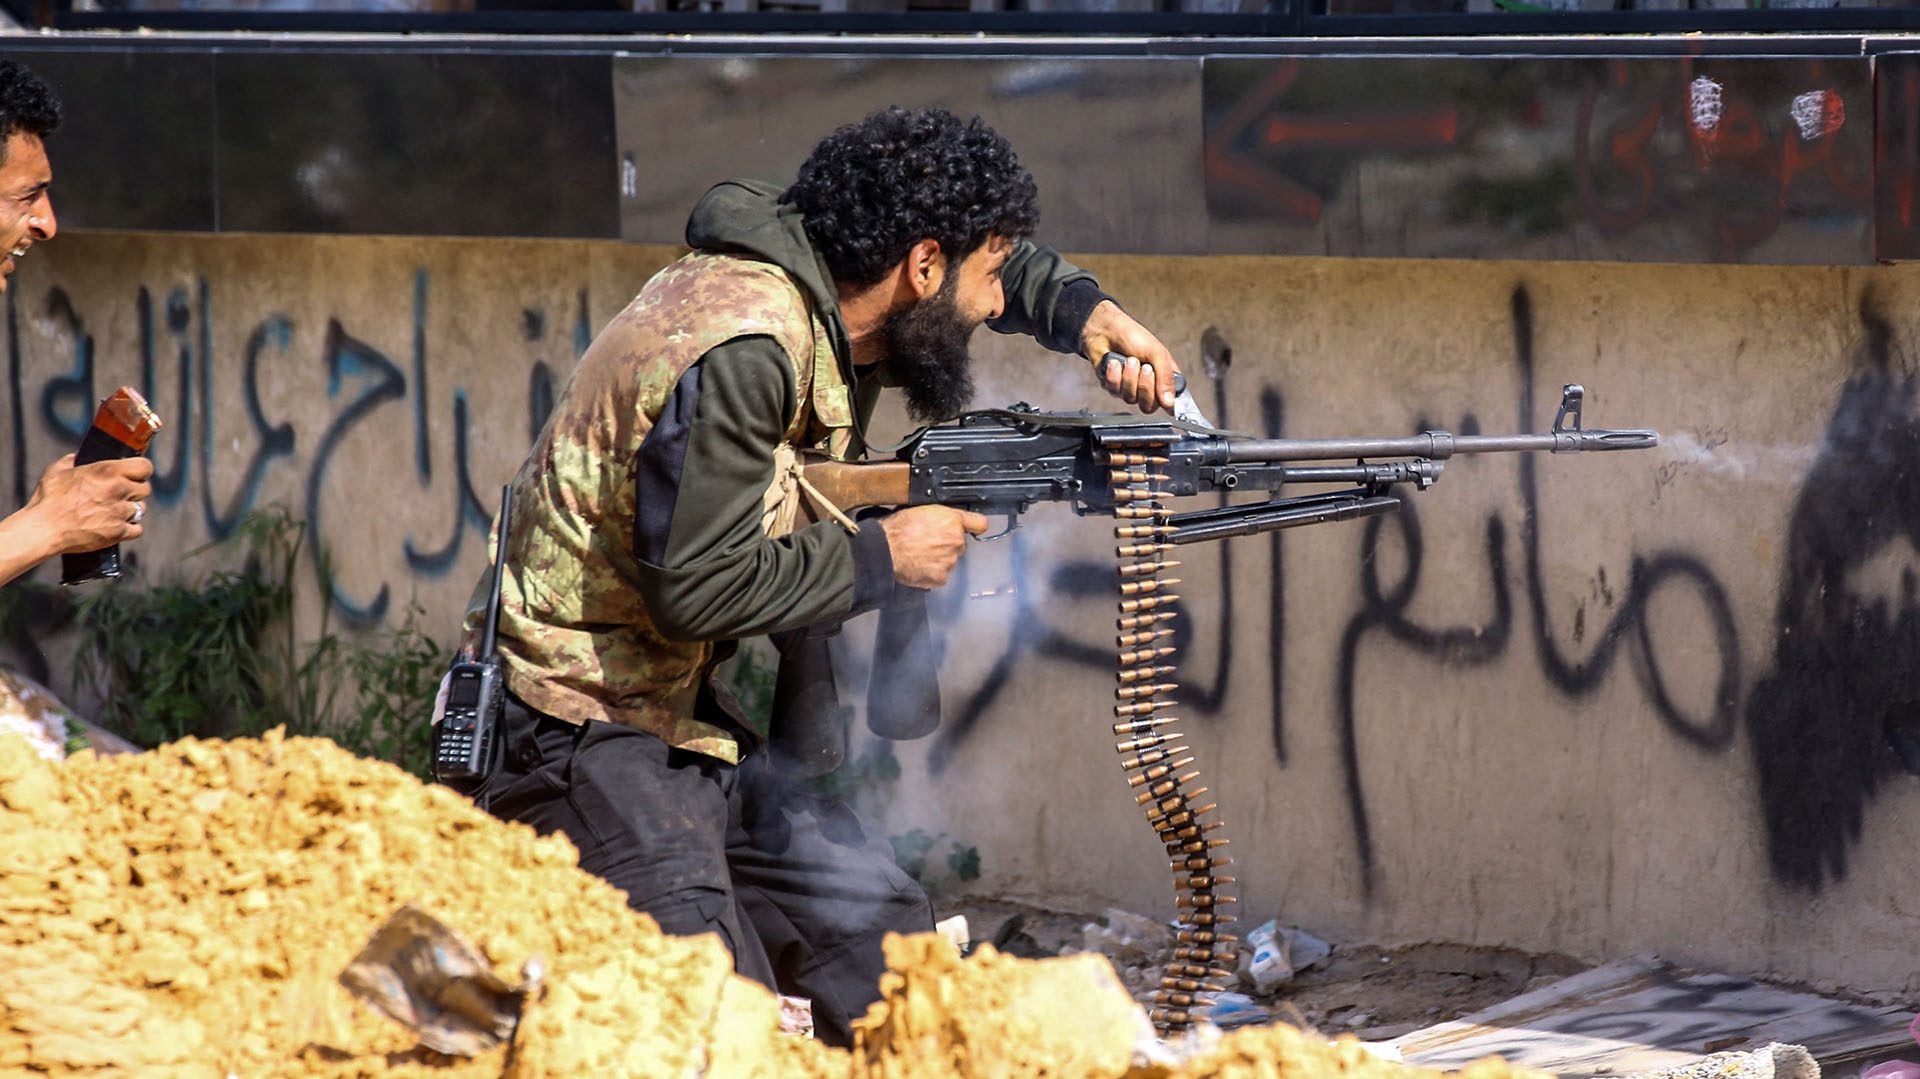 Un combatiente leal alGNA dispara una ametralladora durante los enfrentamientos con las fuerzas de Haftar en el suburbio de Aoli Zara, en Trípoli, el 10 de abril (AFP)